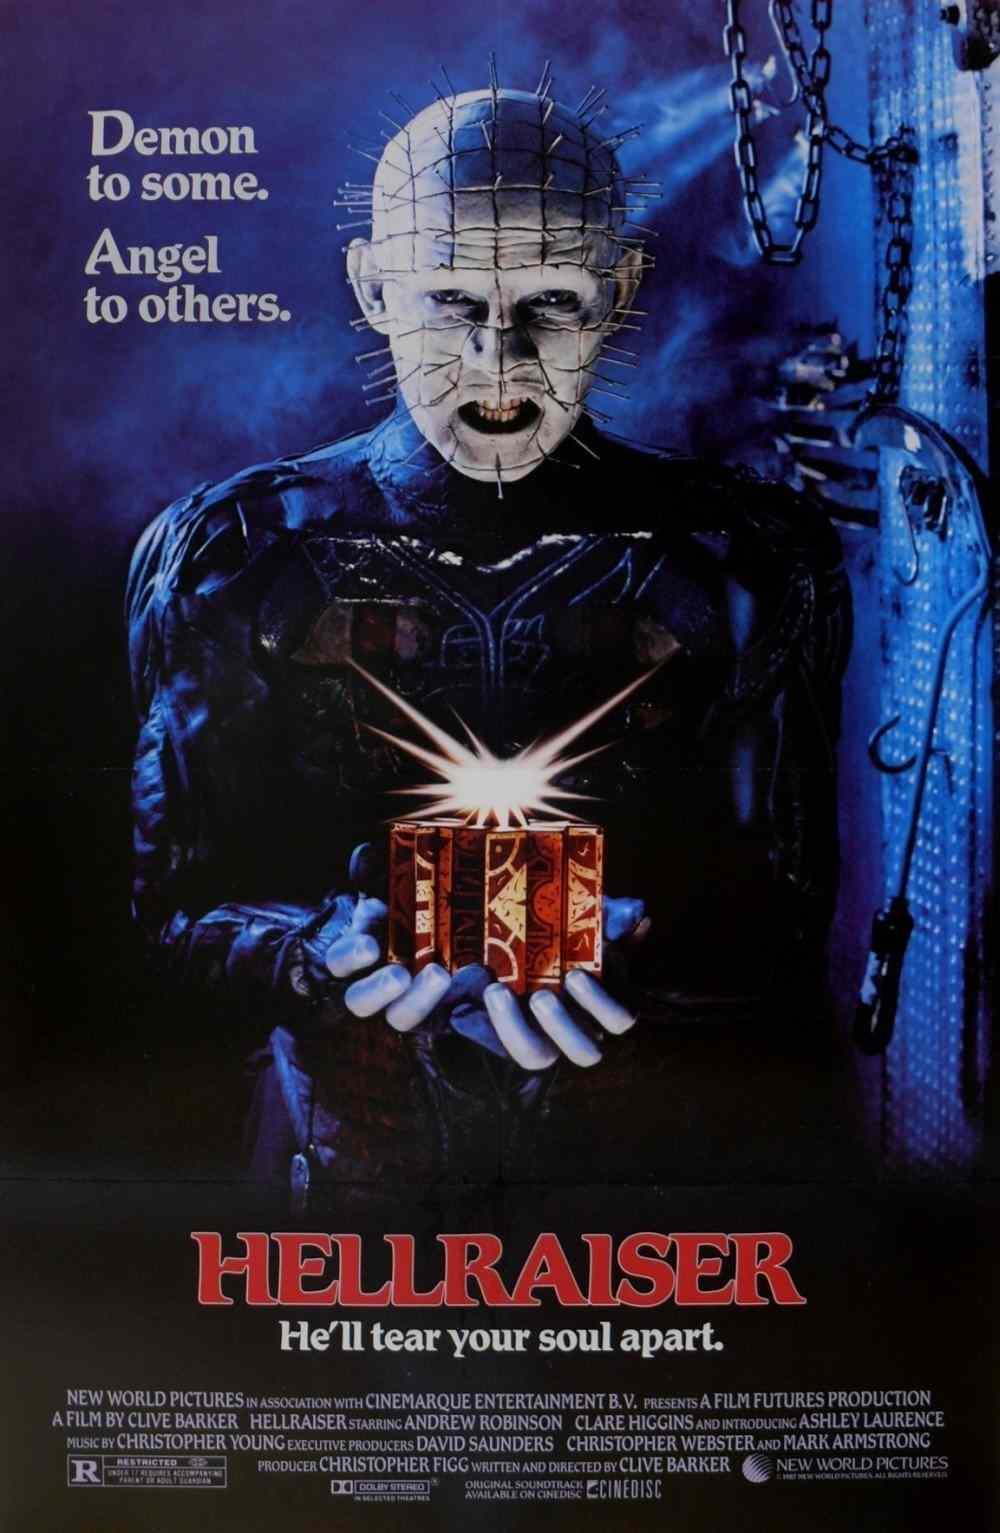 hellraiser-poster.jpg